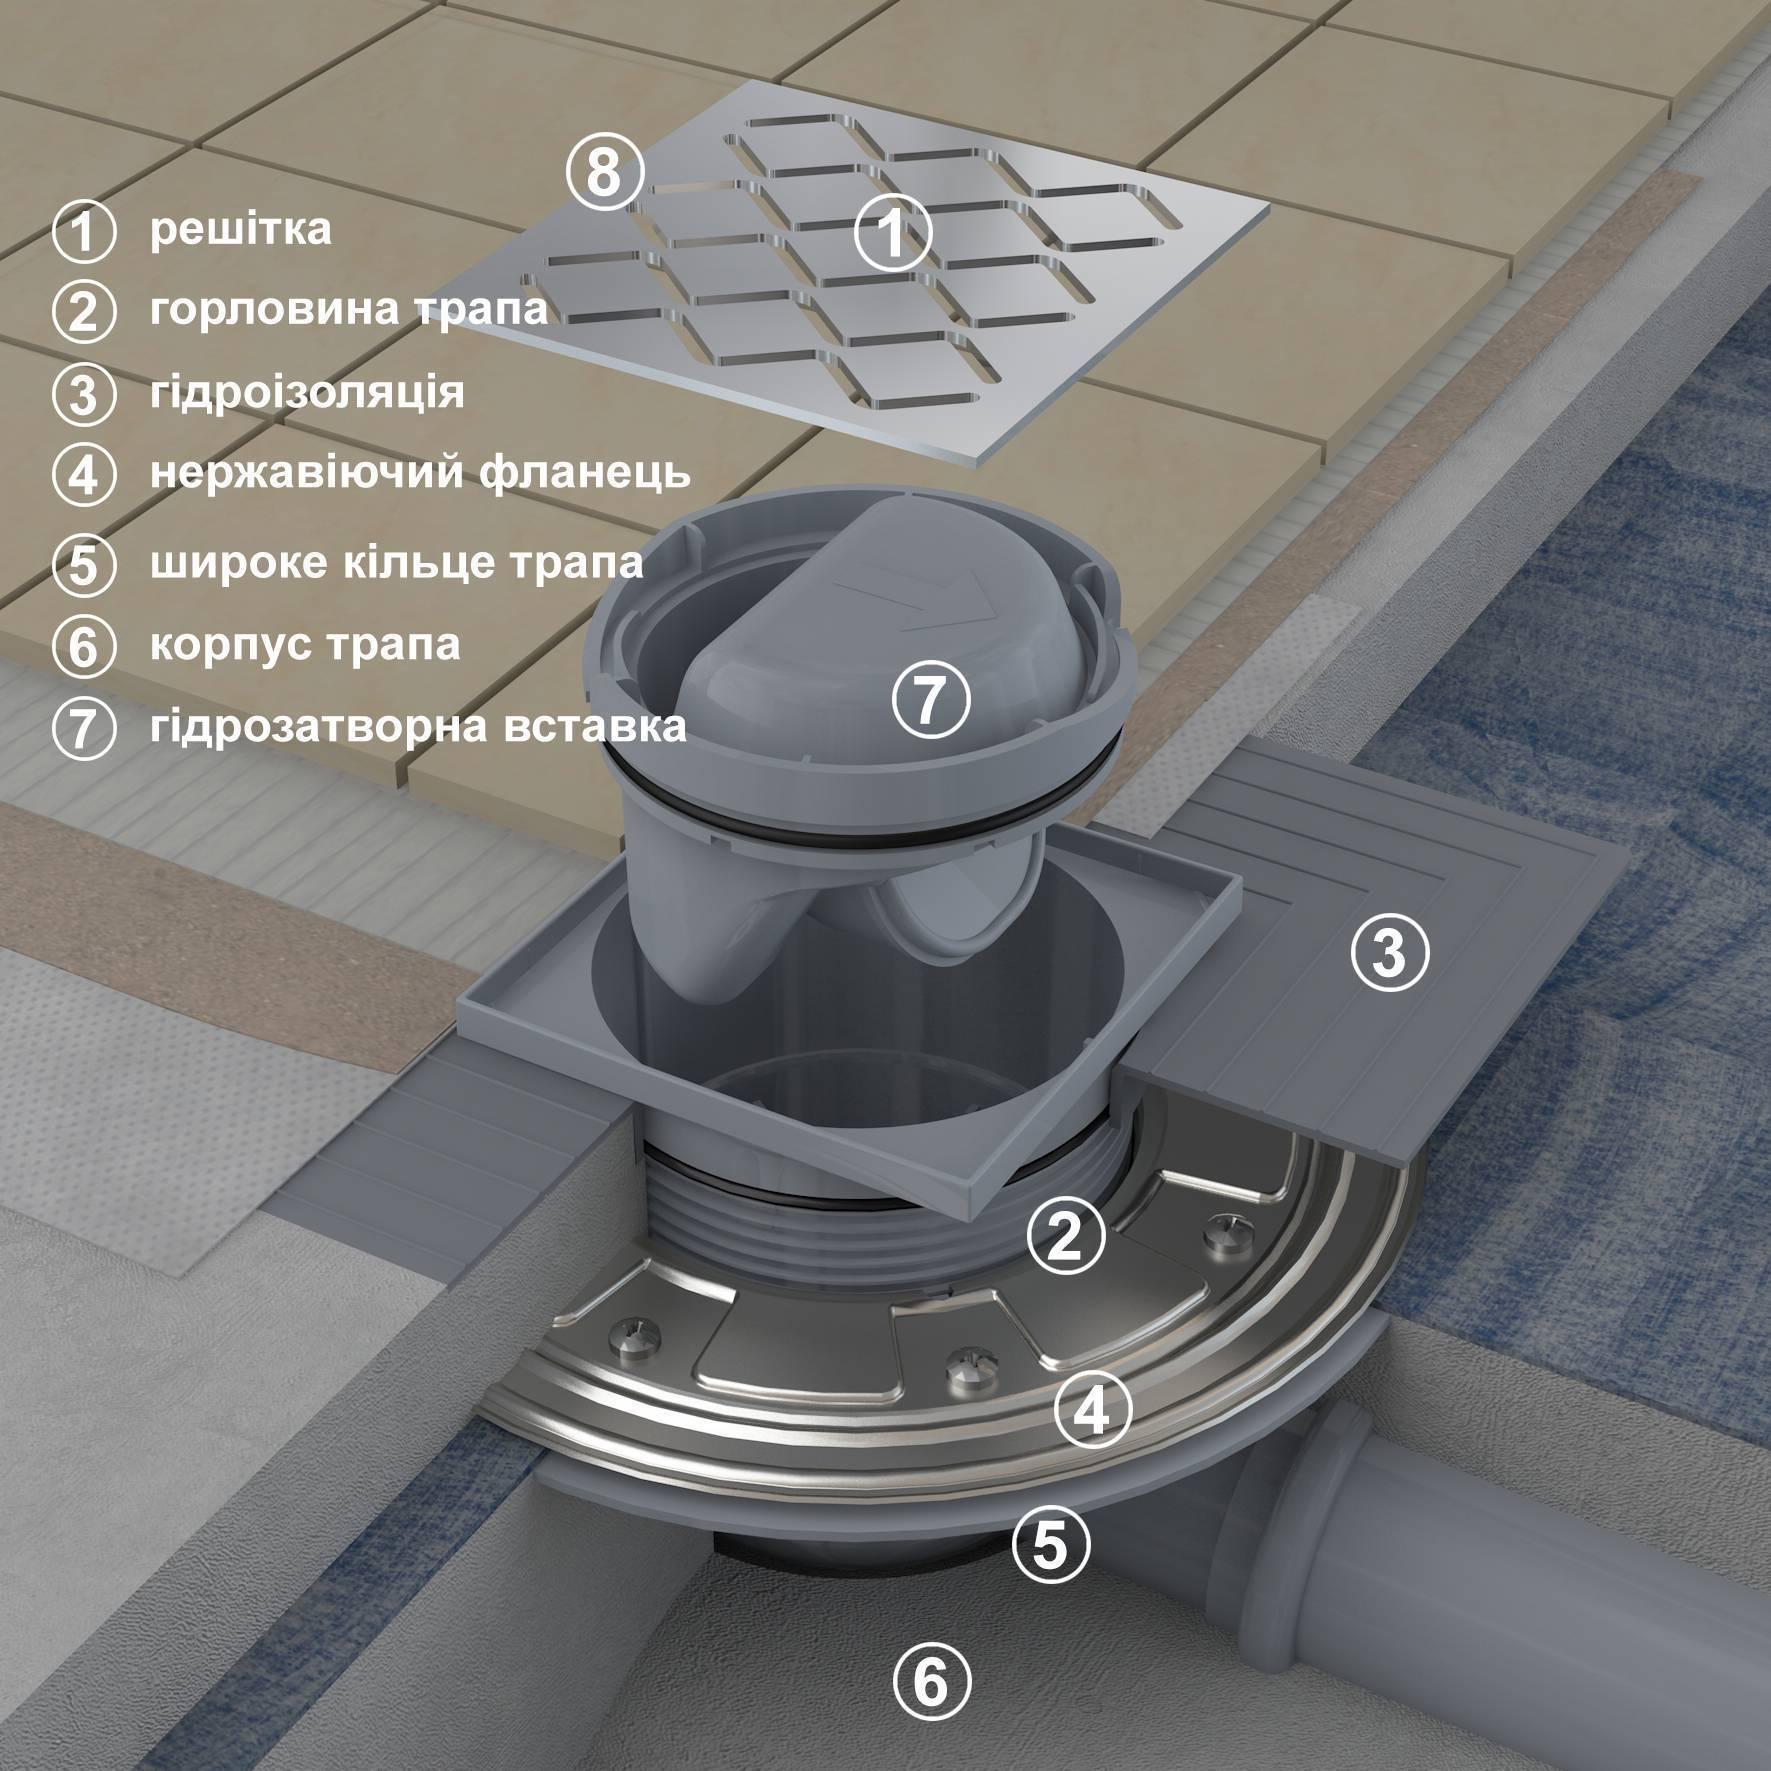 Сделать слив из душа в квартире своими руками – сифон или трап для слива в полу